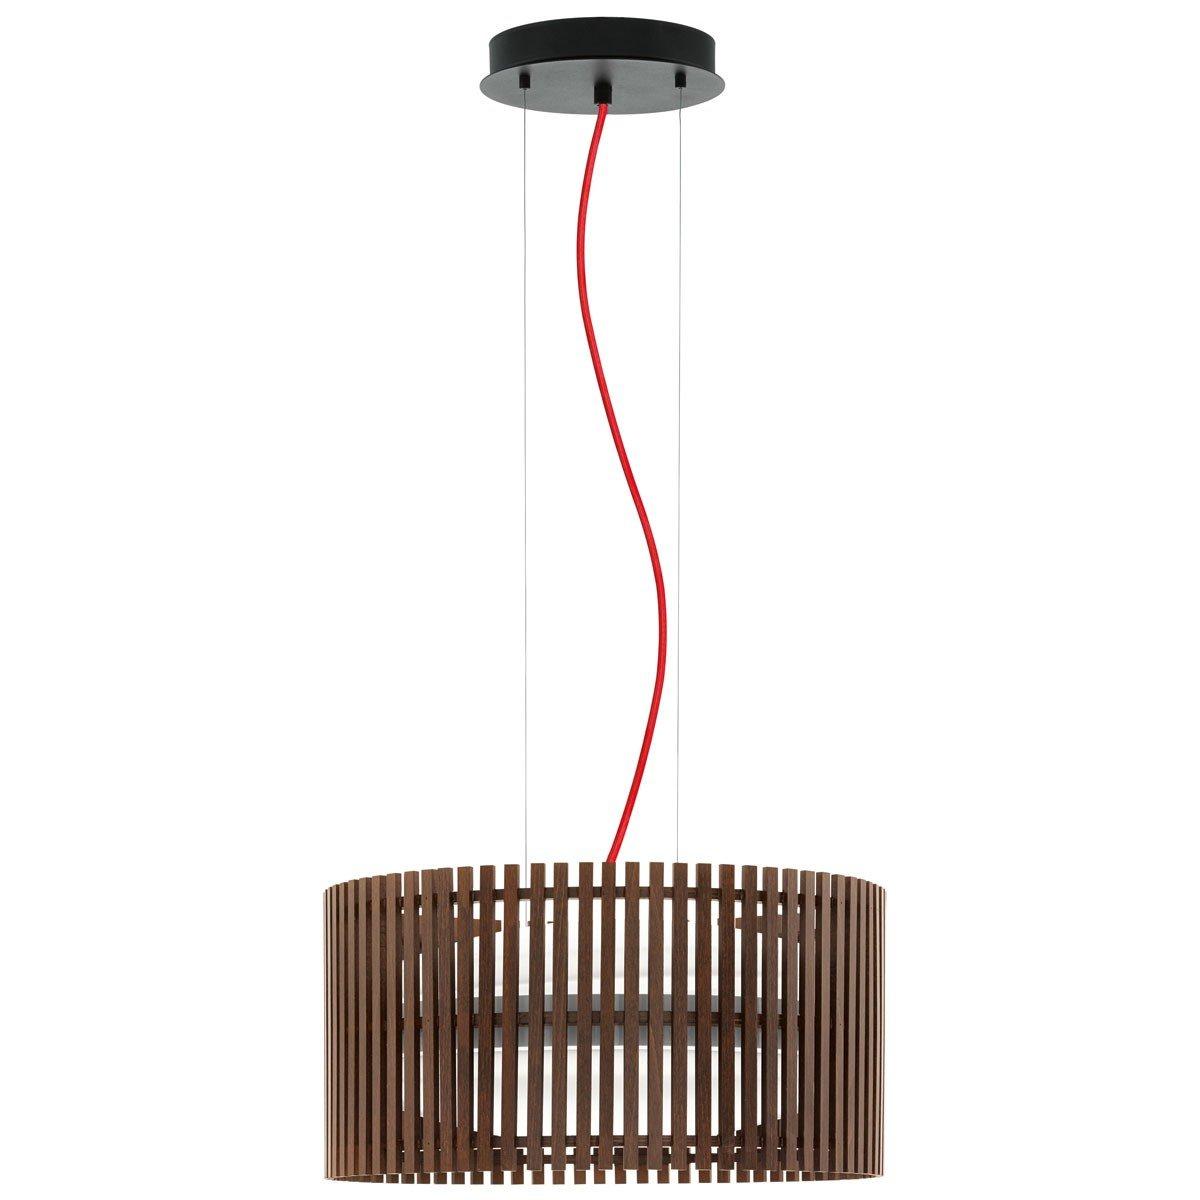 EGLO 94011 ROVERATO DARK WOODEN PENDANT LAMP